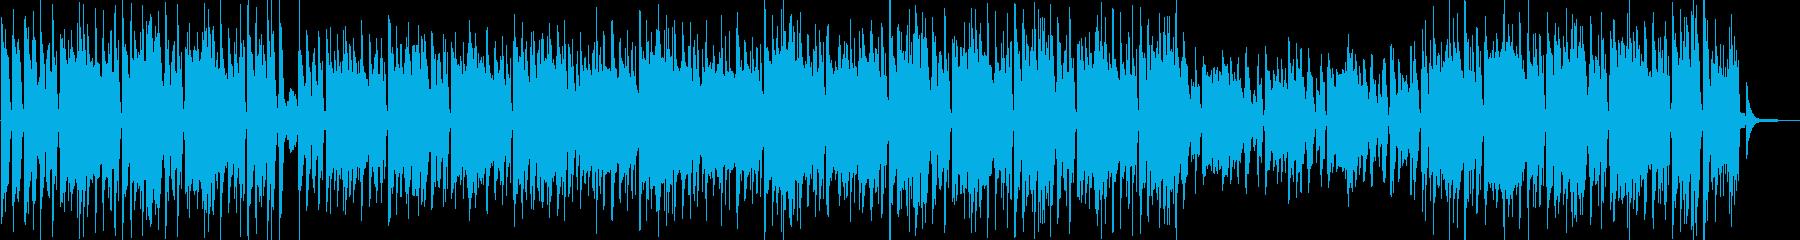 映像用の口笛楽曲。企業VPパズルゲームの再生済みの波形